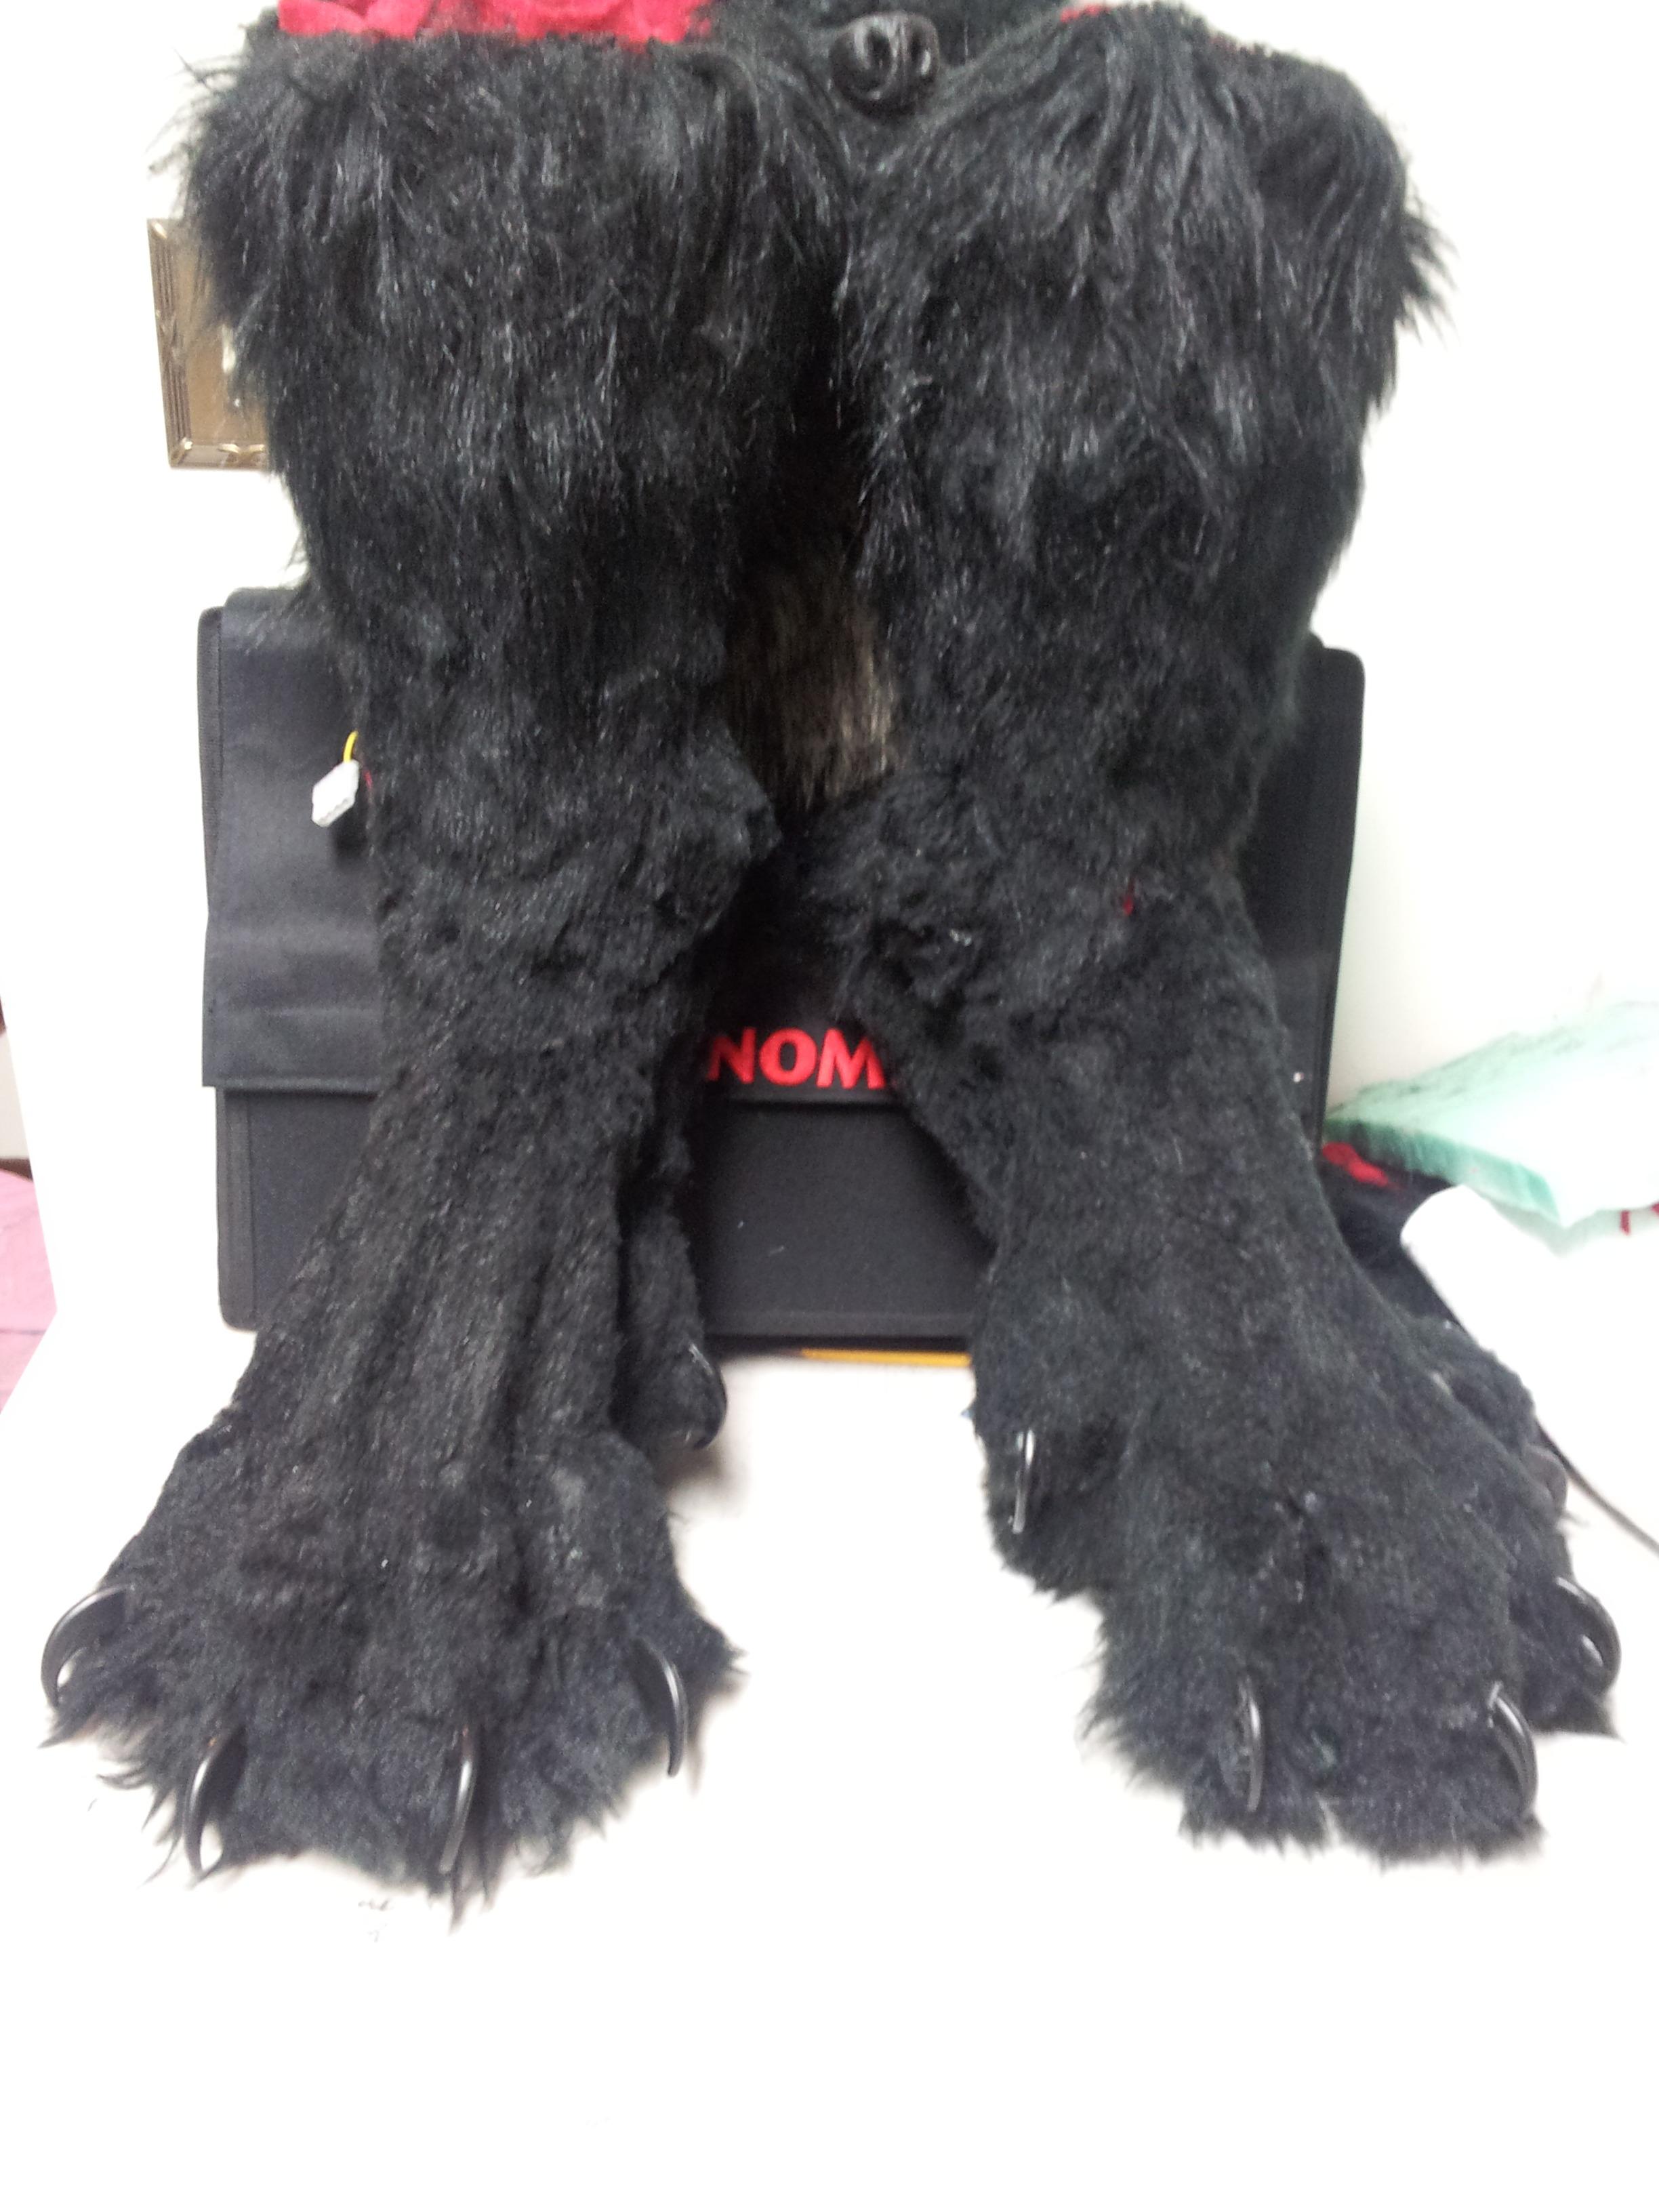 Werewolf Foot Paws by RatTrapStudios Werewolf Foot Paws by RatTrapStudios  sc 1 st  DeviantArt & Werewolf Foot Paws by RatTrapStudios on DeviantArt